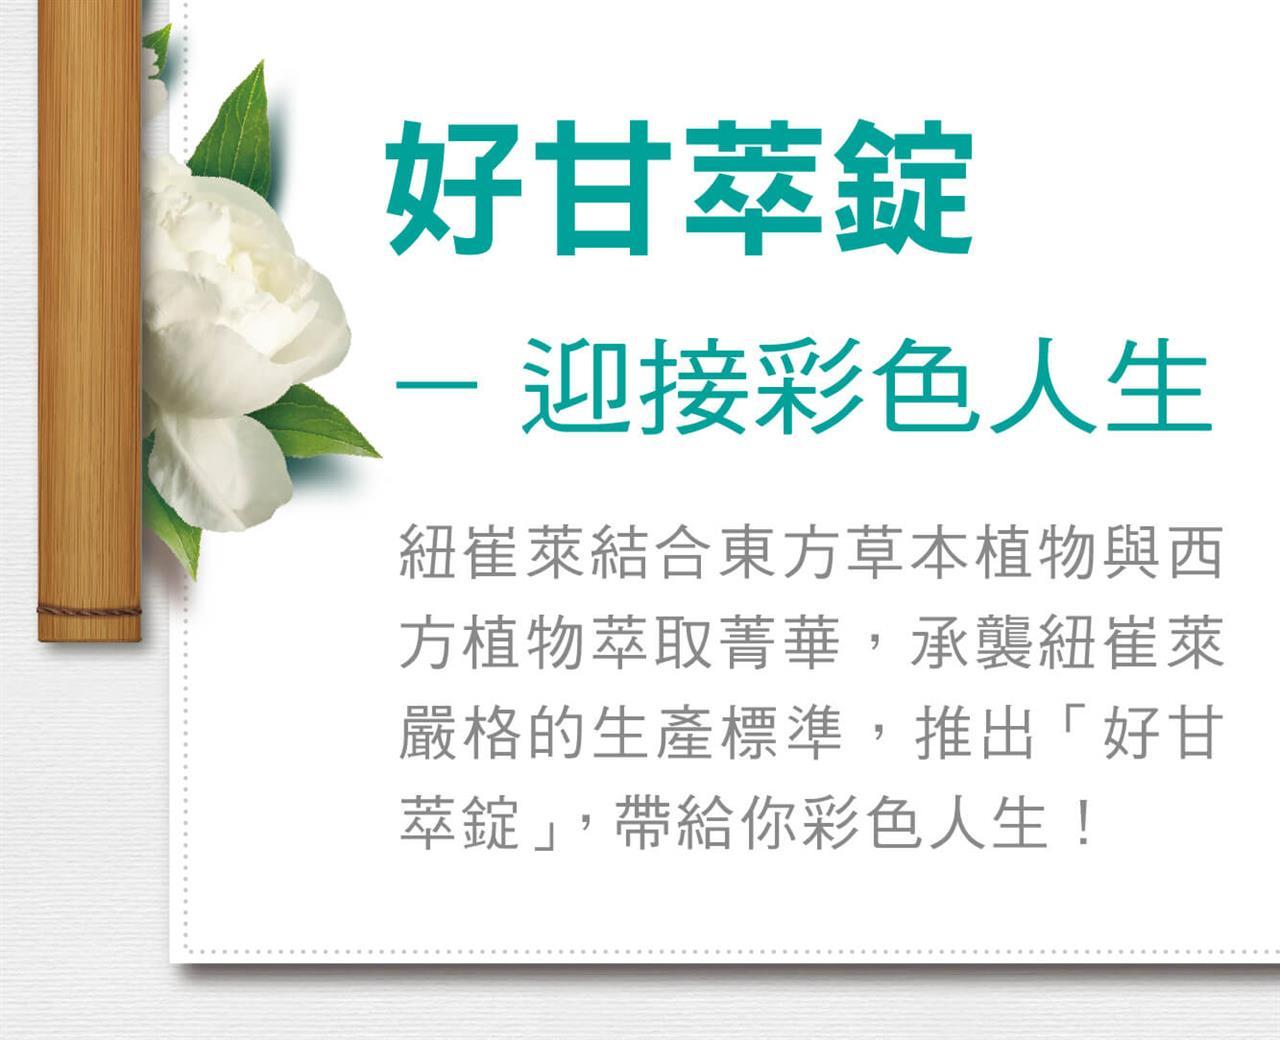 好甘萃錠-迎接彩色人生 紐崔萊結合東方草本植物與西方植物萃取菁華,承襲紐崔萊嚴格的生產標準,推出 「好甘萃錠」, 帶給你彩色人生!